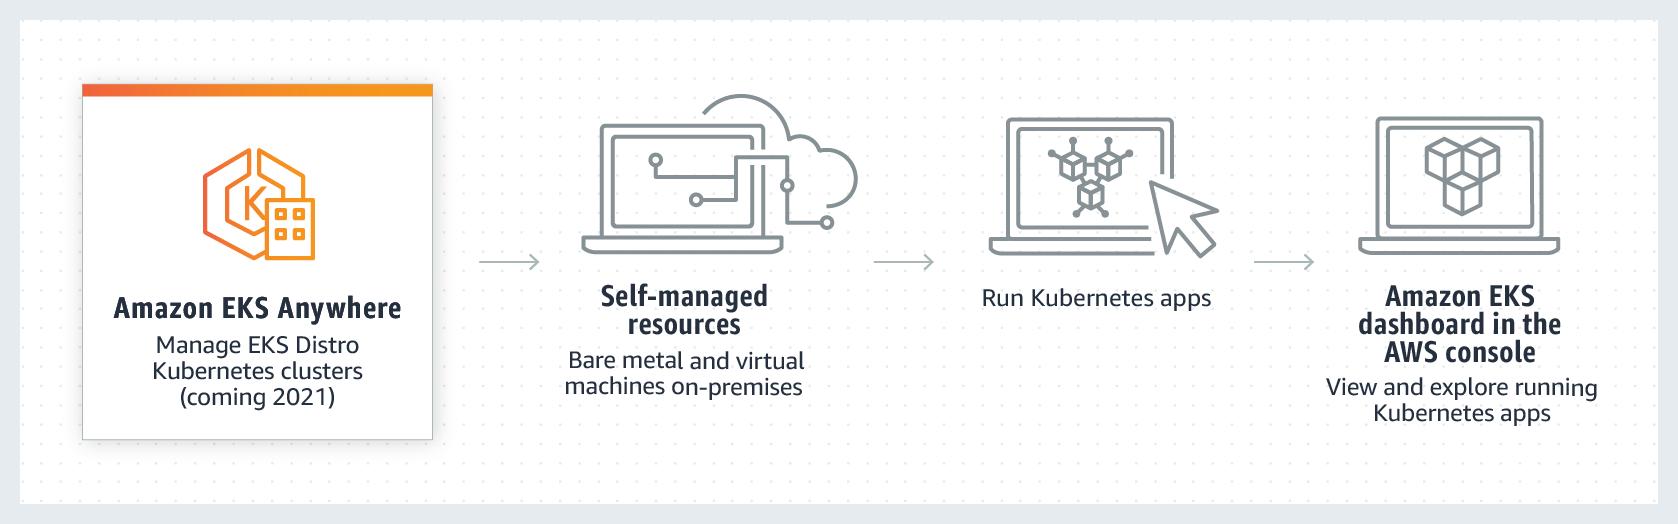 Amazon Elastic Kubernetes Service Anywhere